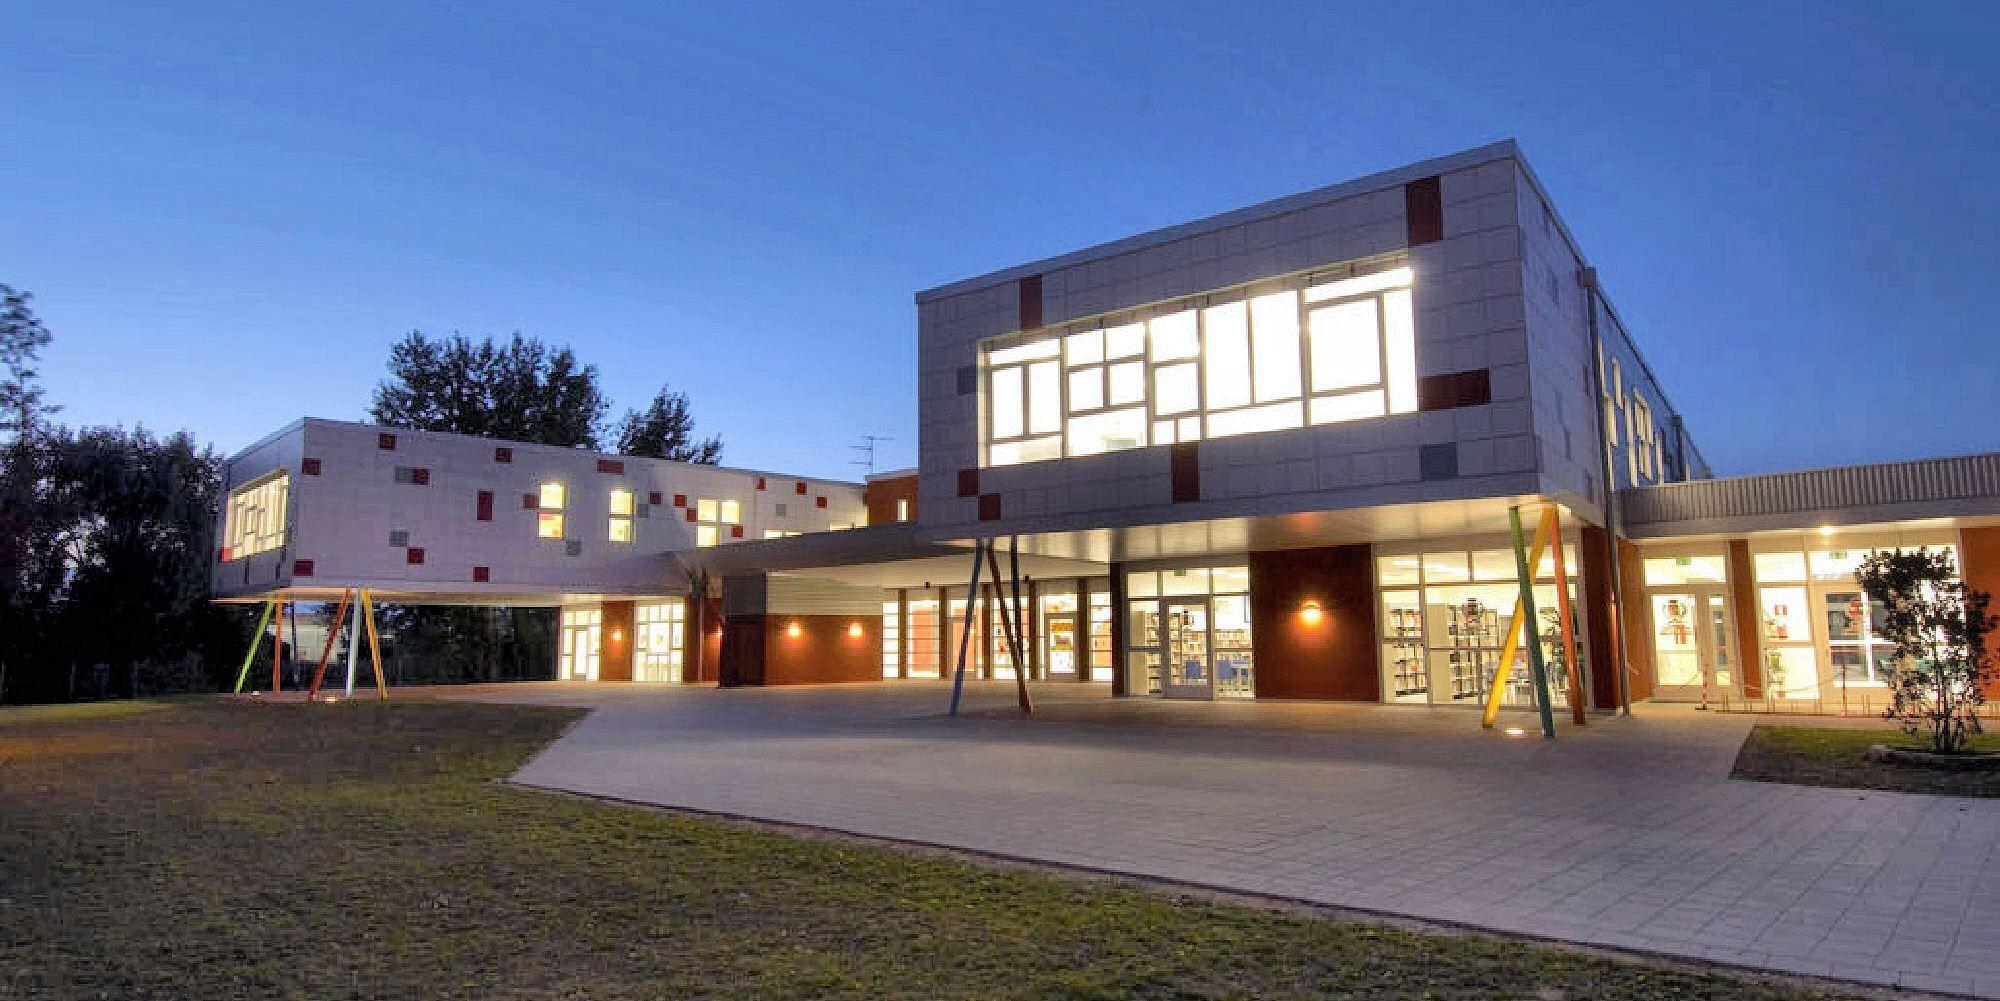 Scuola Elementare di Quinto Vicentino